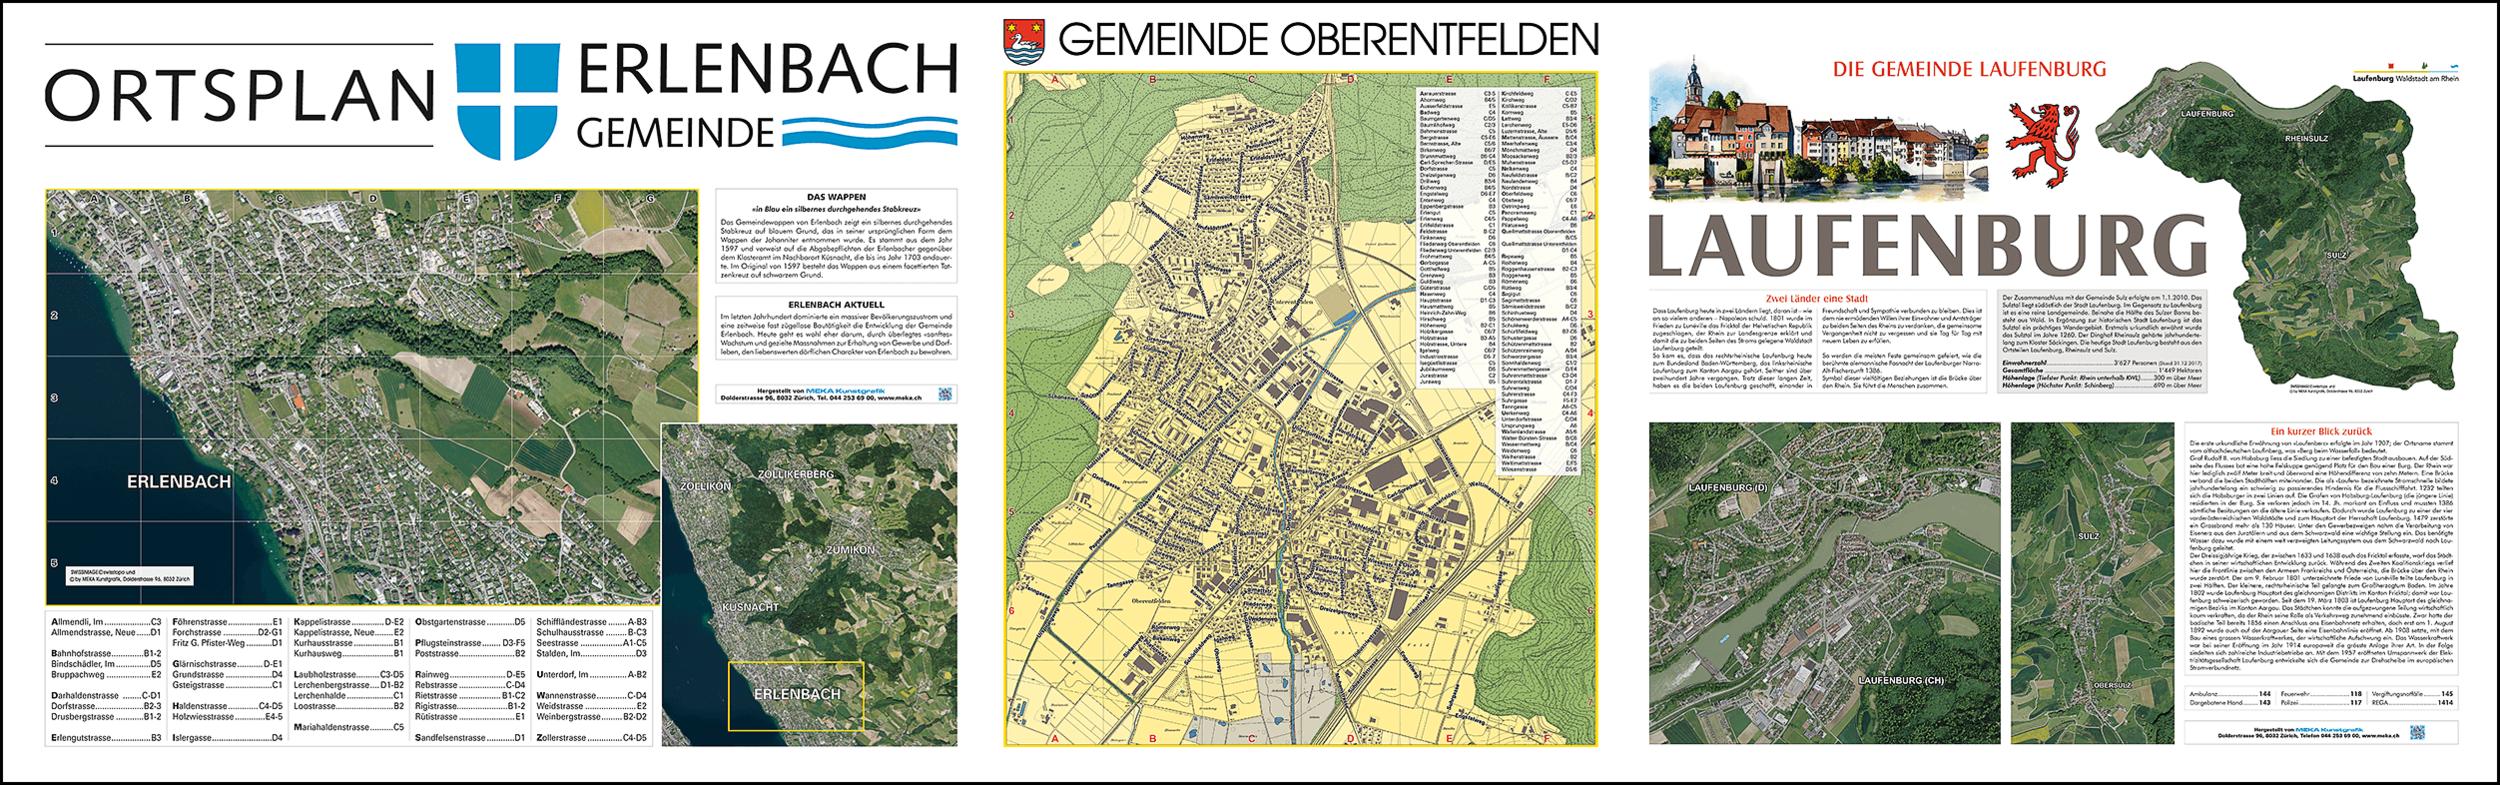 3schilder_erlenbach-oentfelden-laufenb_2500px.png